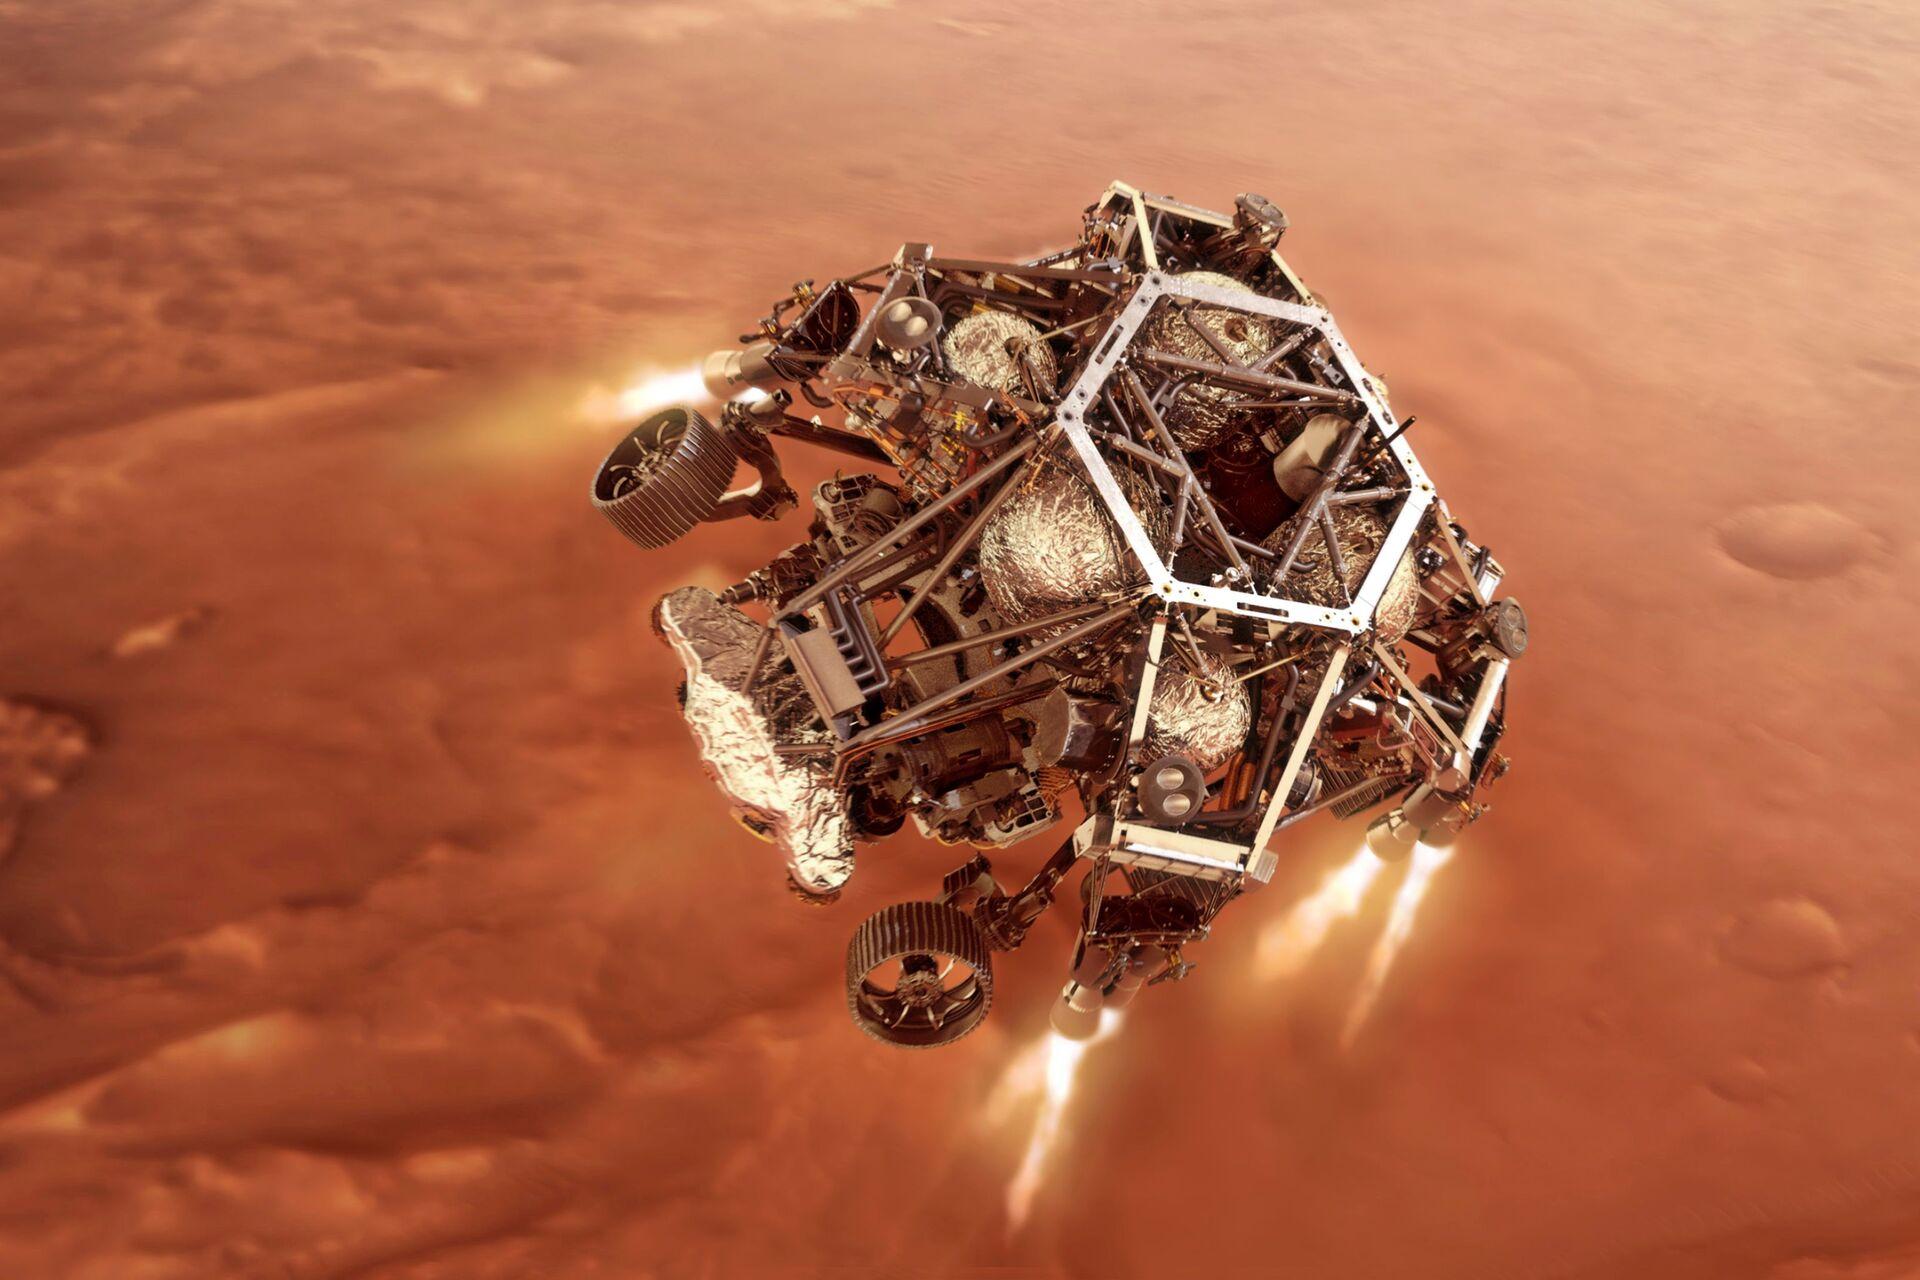 Rover sleće na krater na Marsu nazvan po maloj opštini u Republici Srpskoj /foto/ - Sputnik Srbija, 1920, 18.02.2021